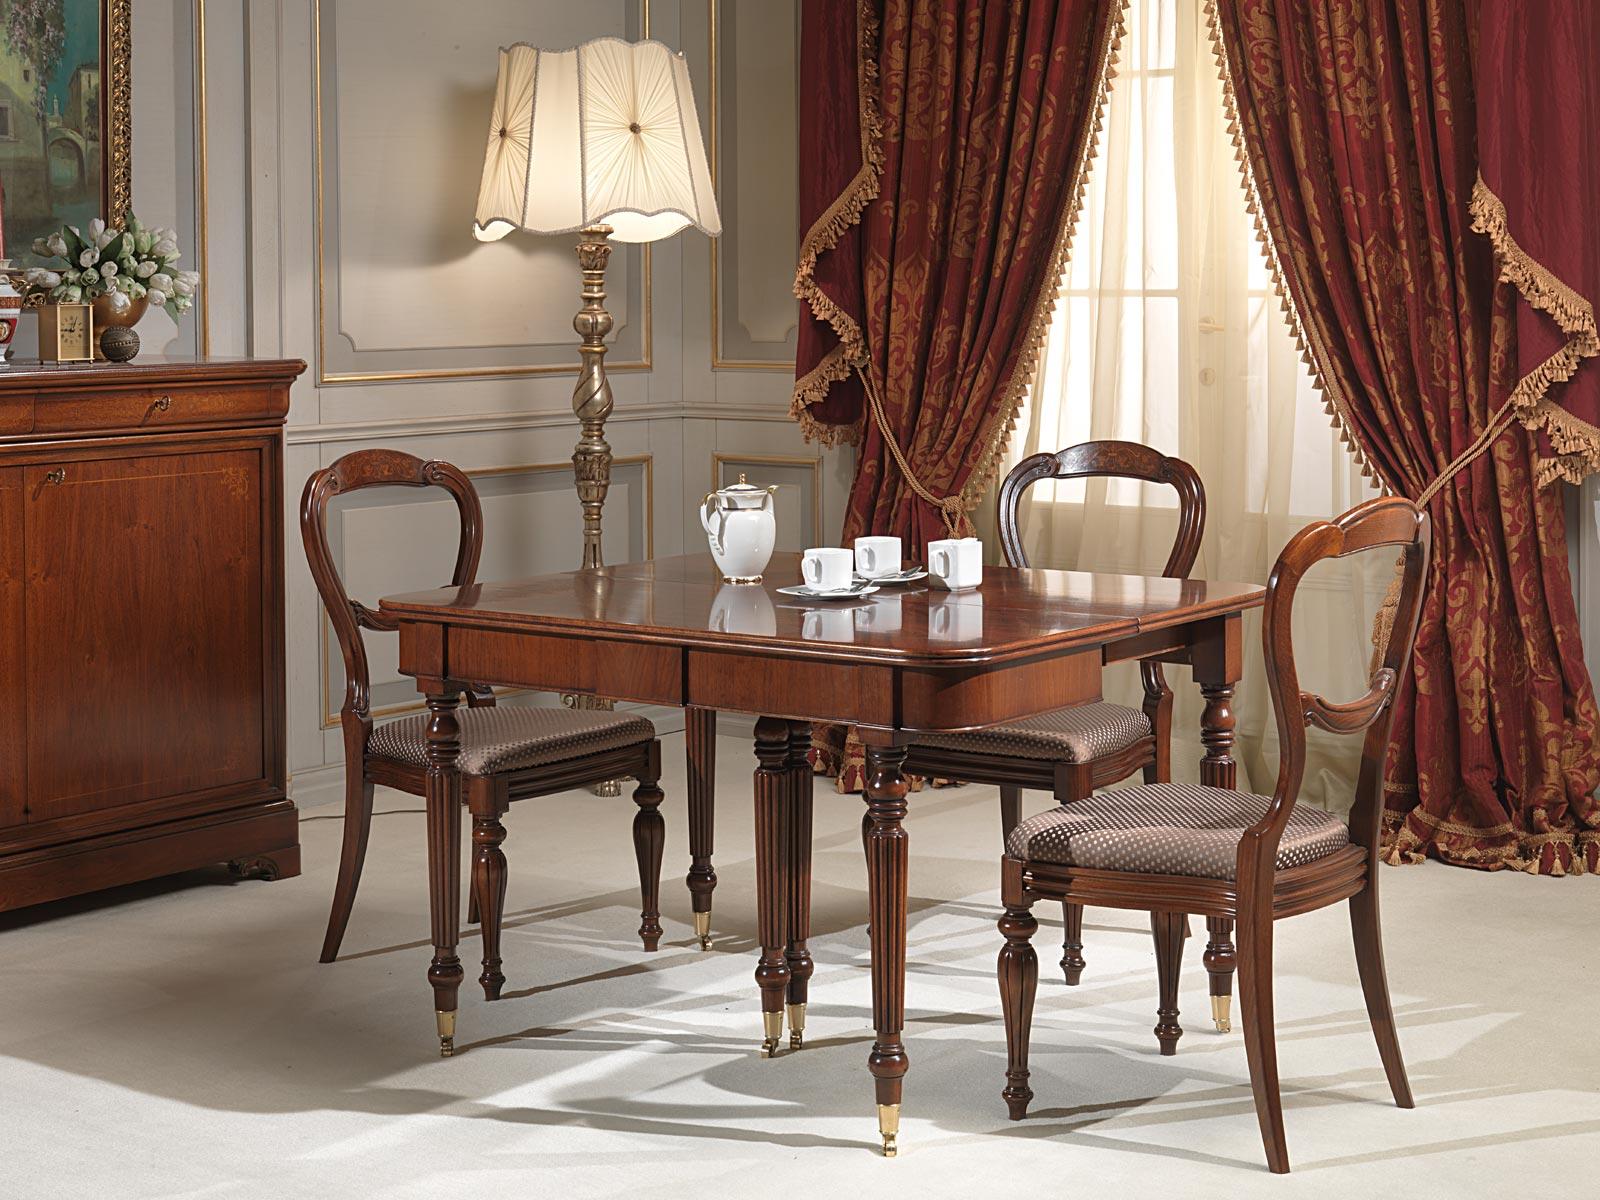 Tavolo consolle allungabile con ruote parzialmente - Tavolo consolle allungabile stile classico ...